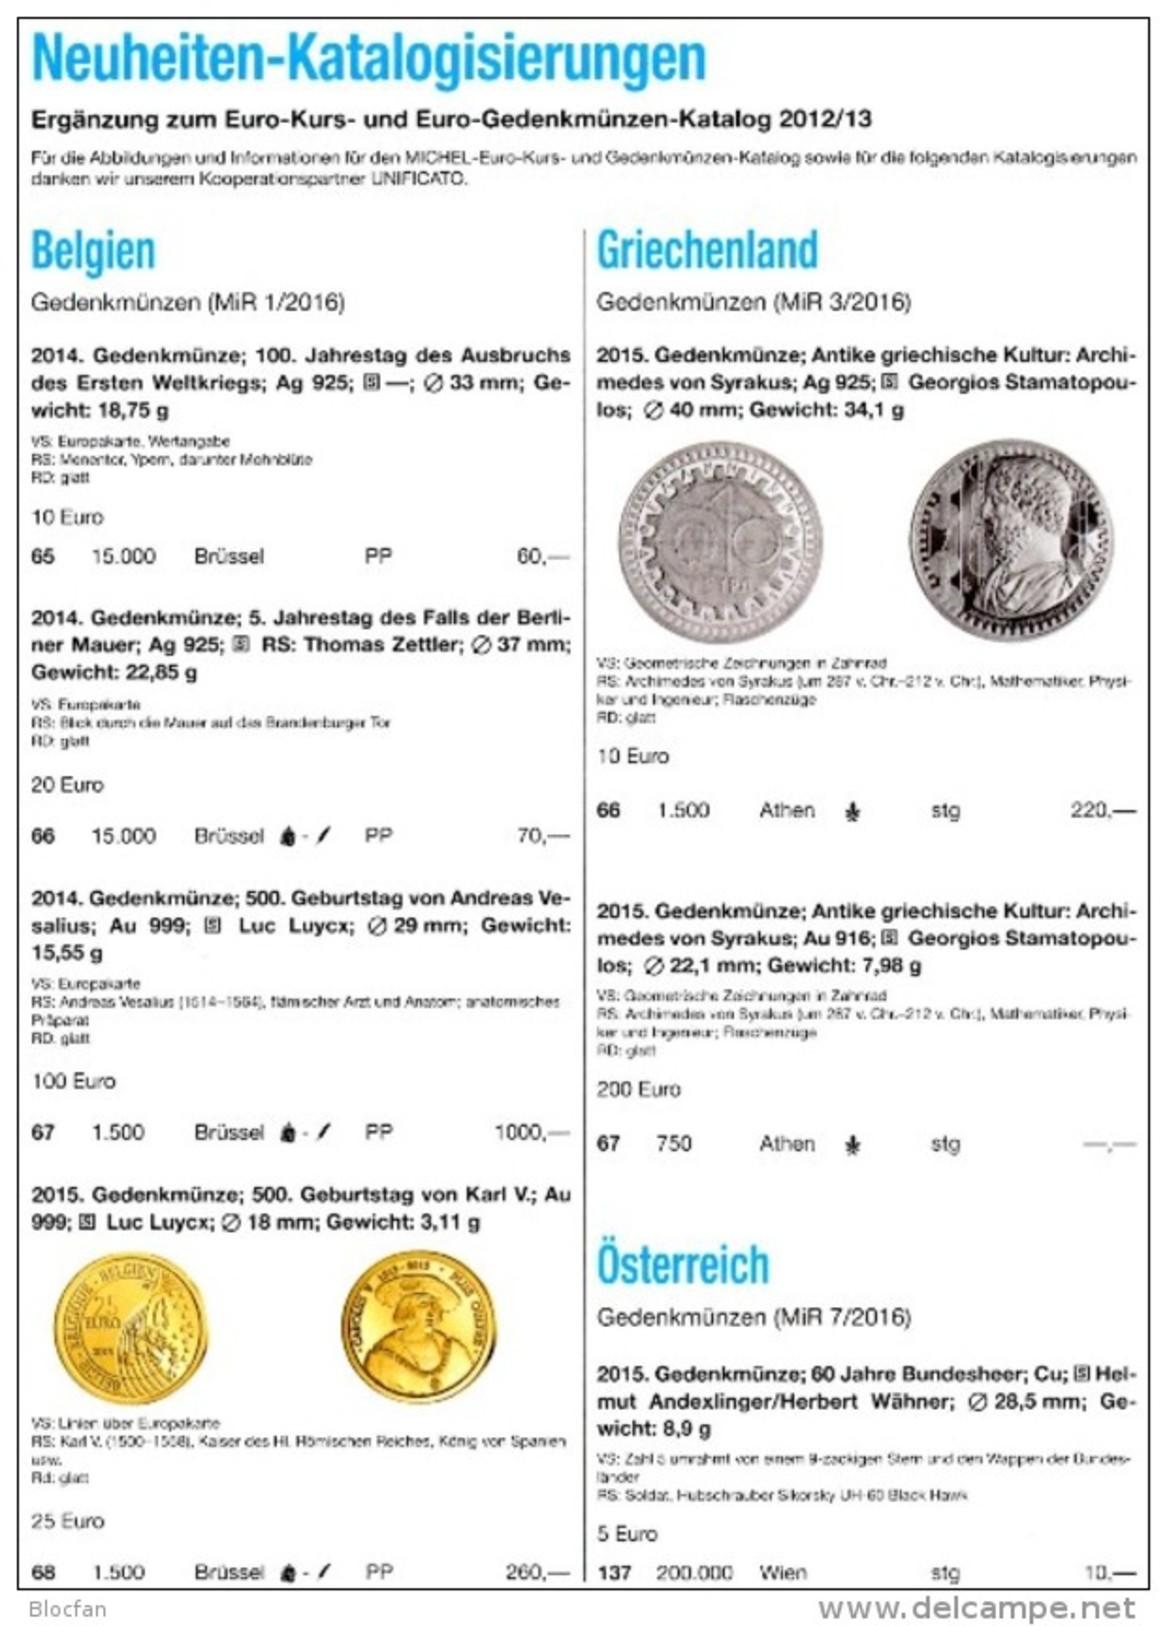 Briefmarken Rundschau MICHEL 10/2016 Neu 6€ New Stamp Of The World Catalogue/magacine Of Germany ISBN 9783954026005 - Sin Clasificación